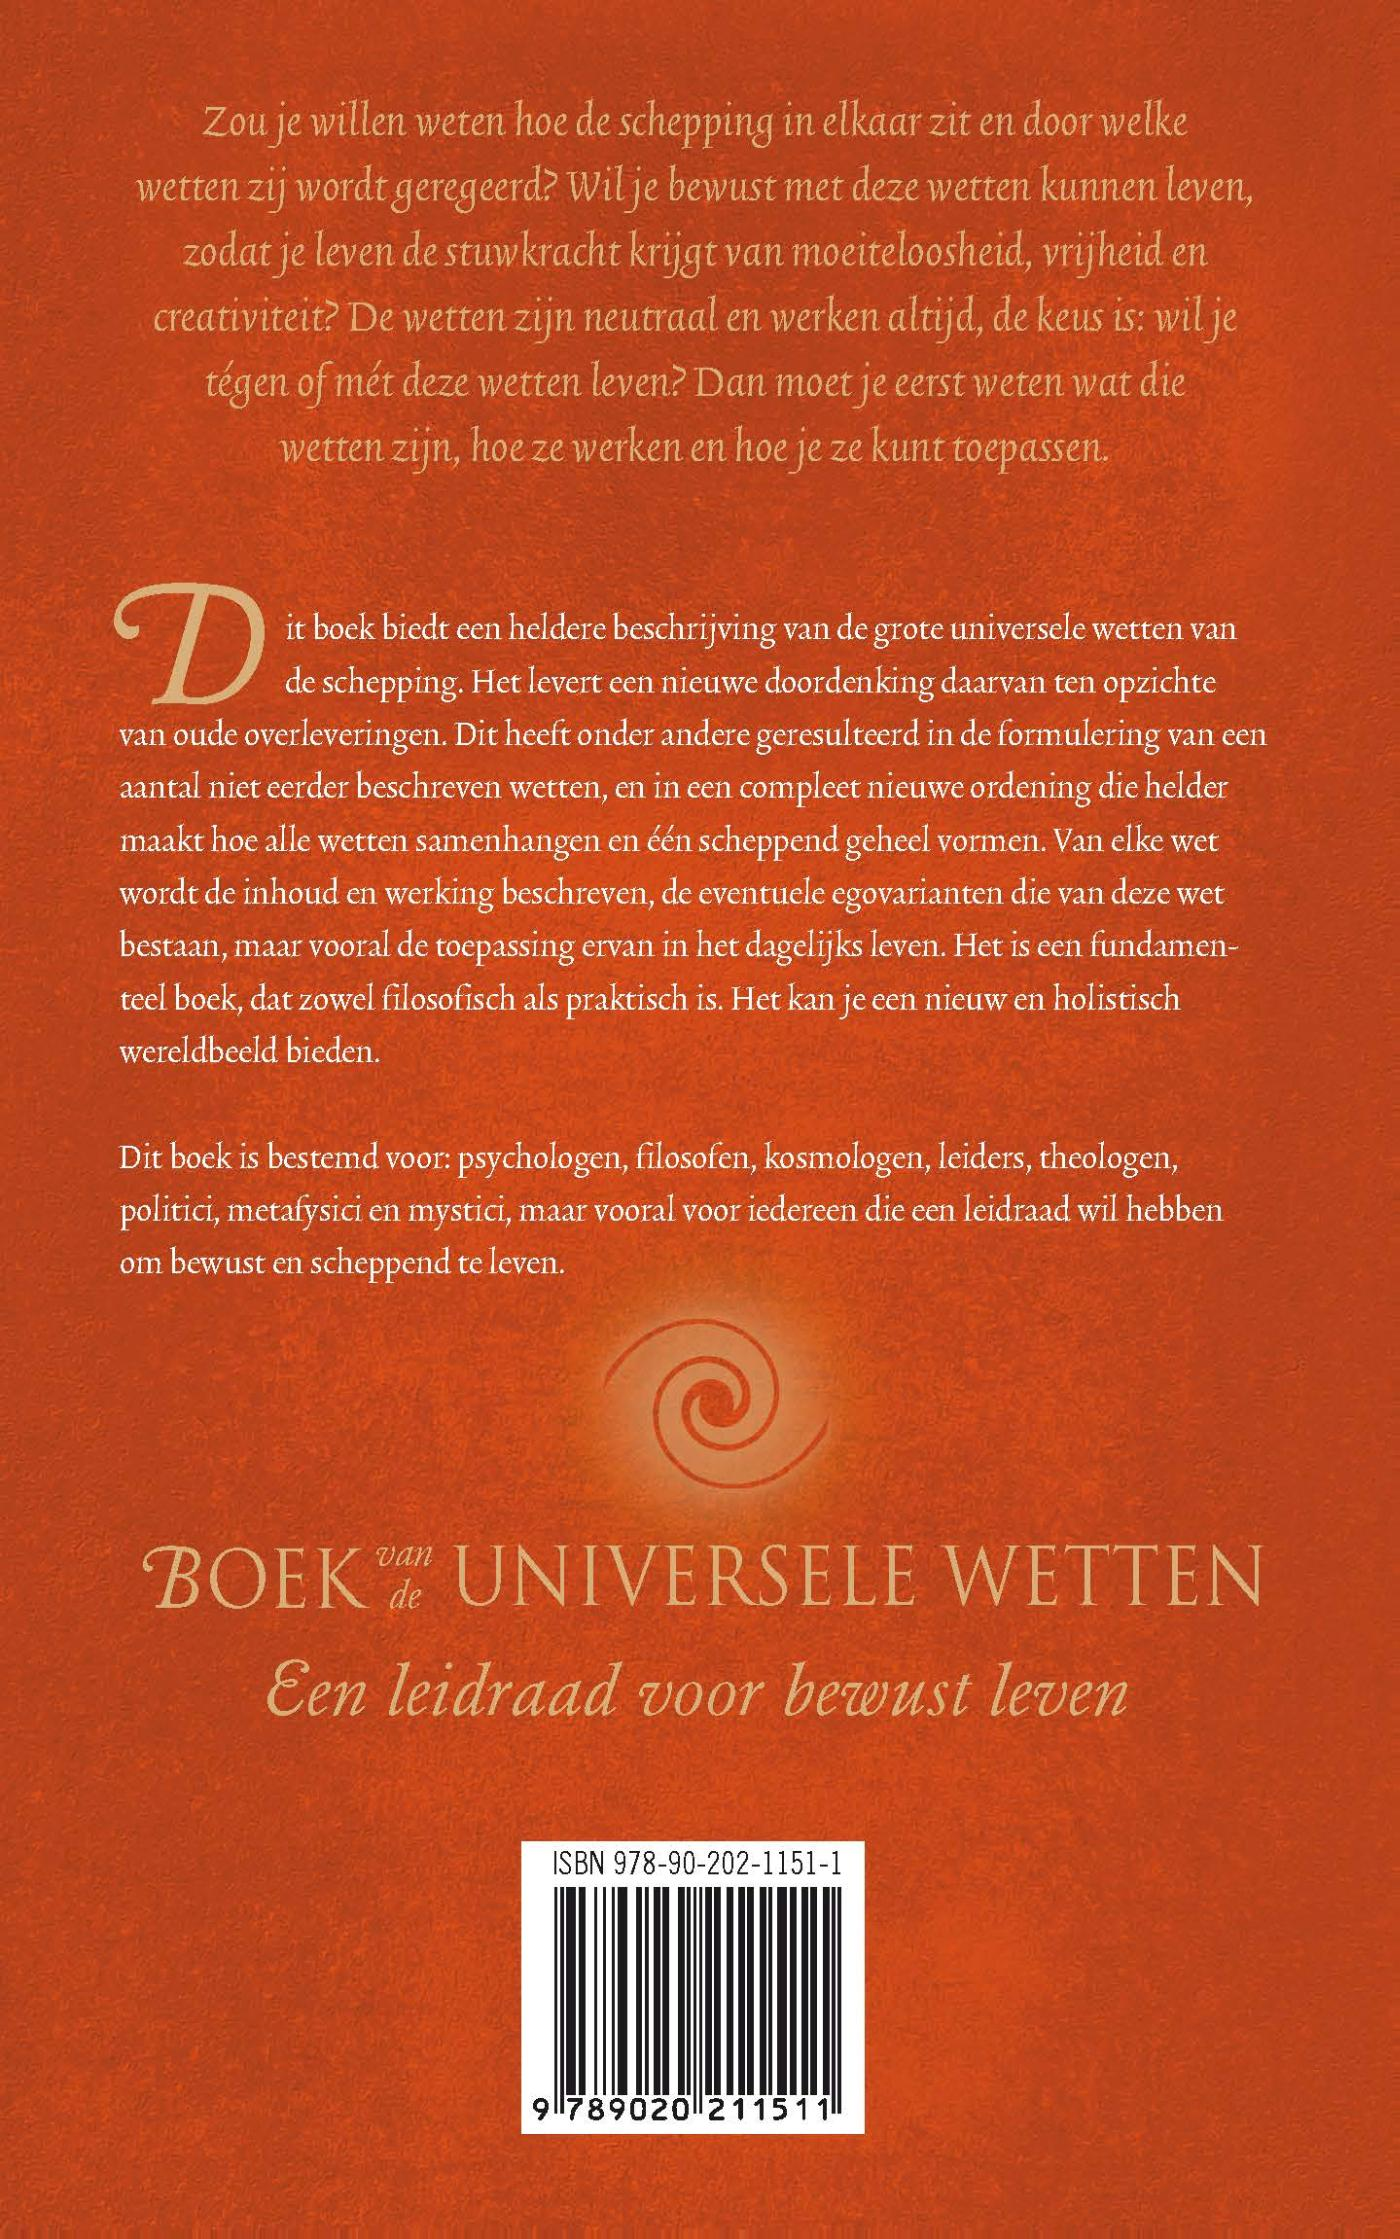 Boek van de universele wetten